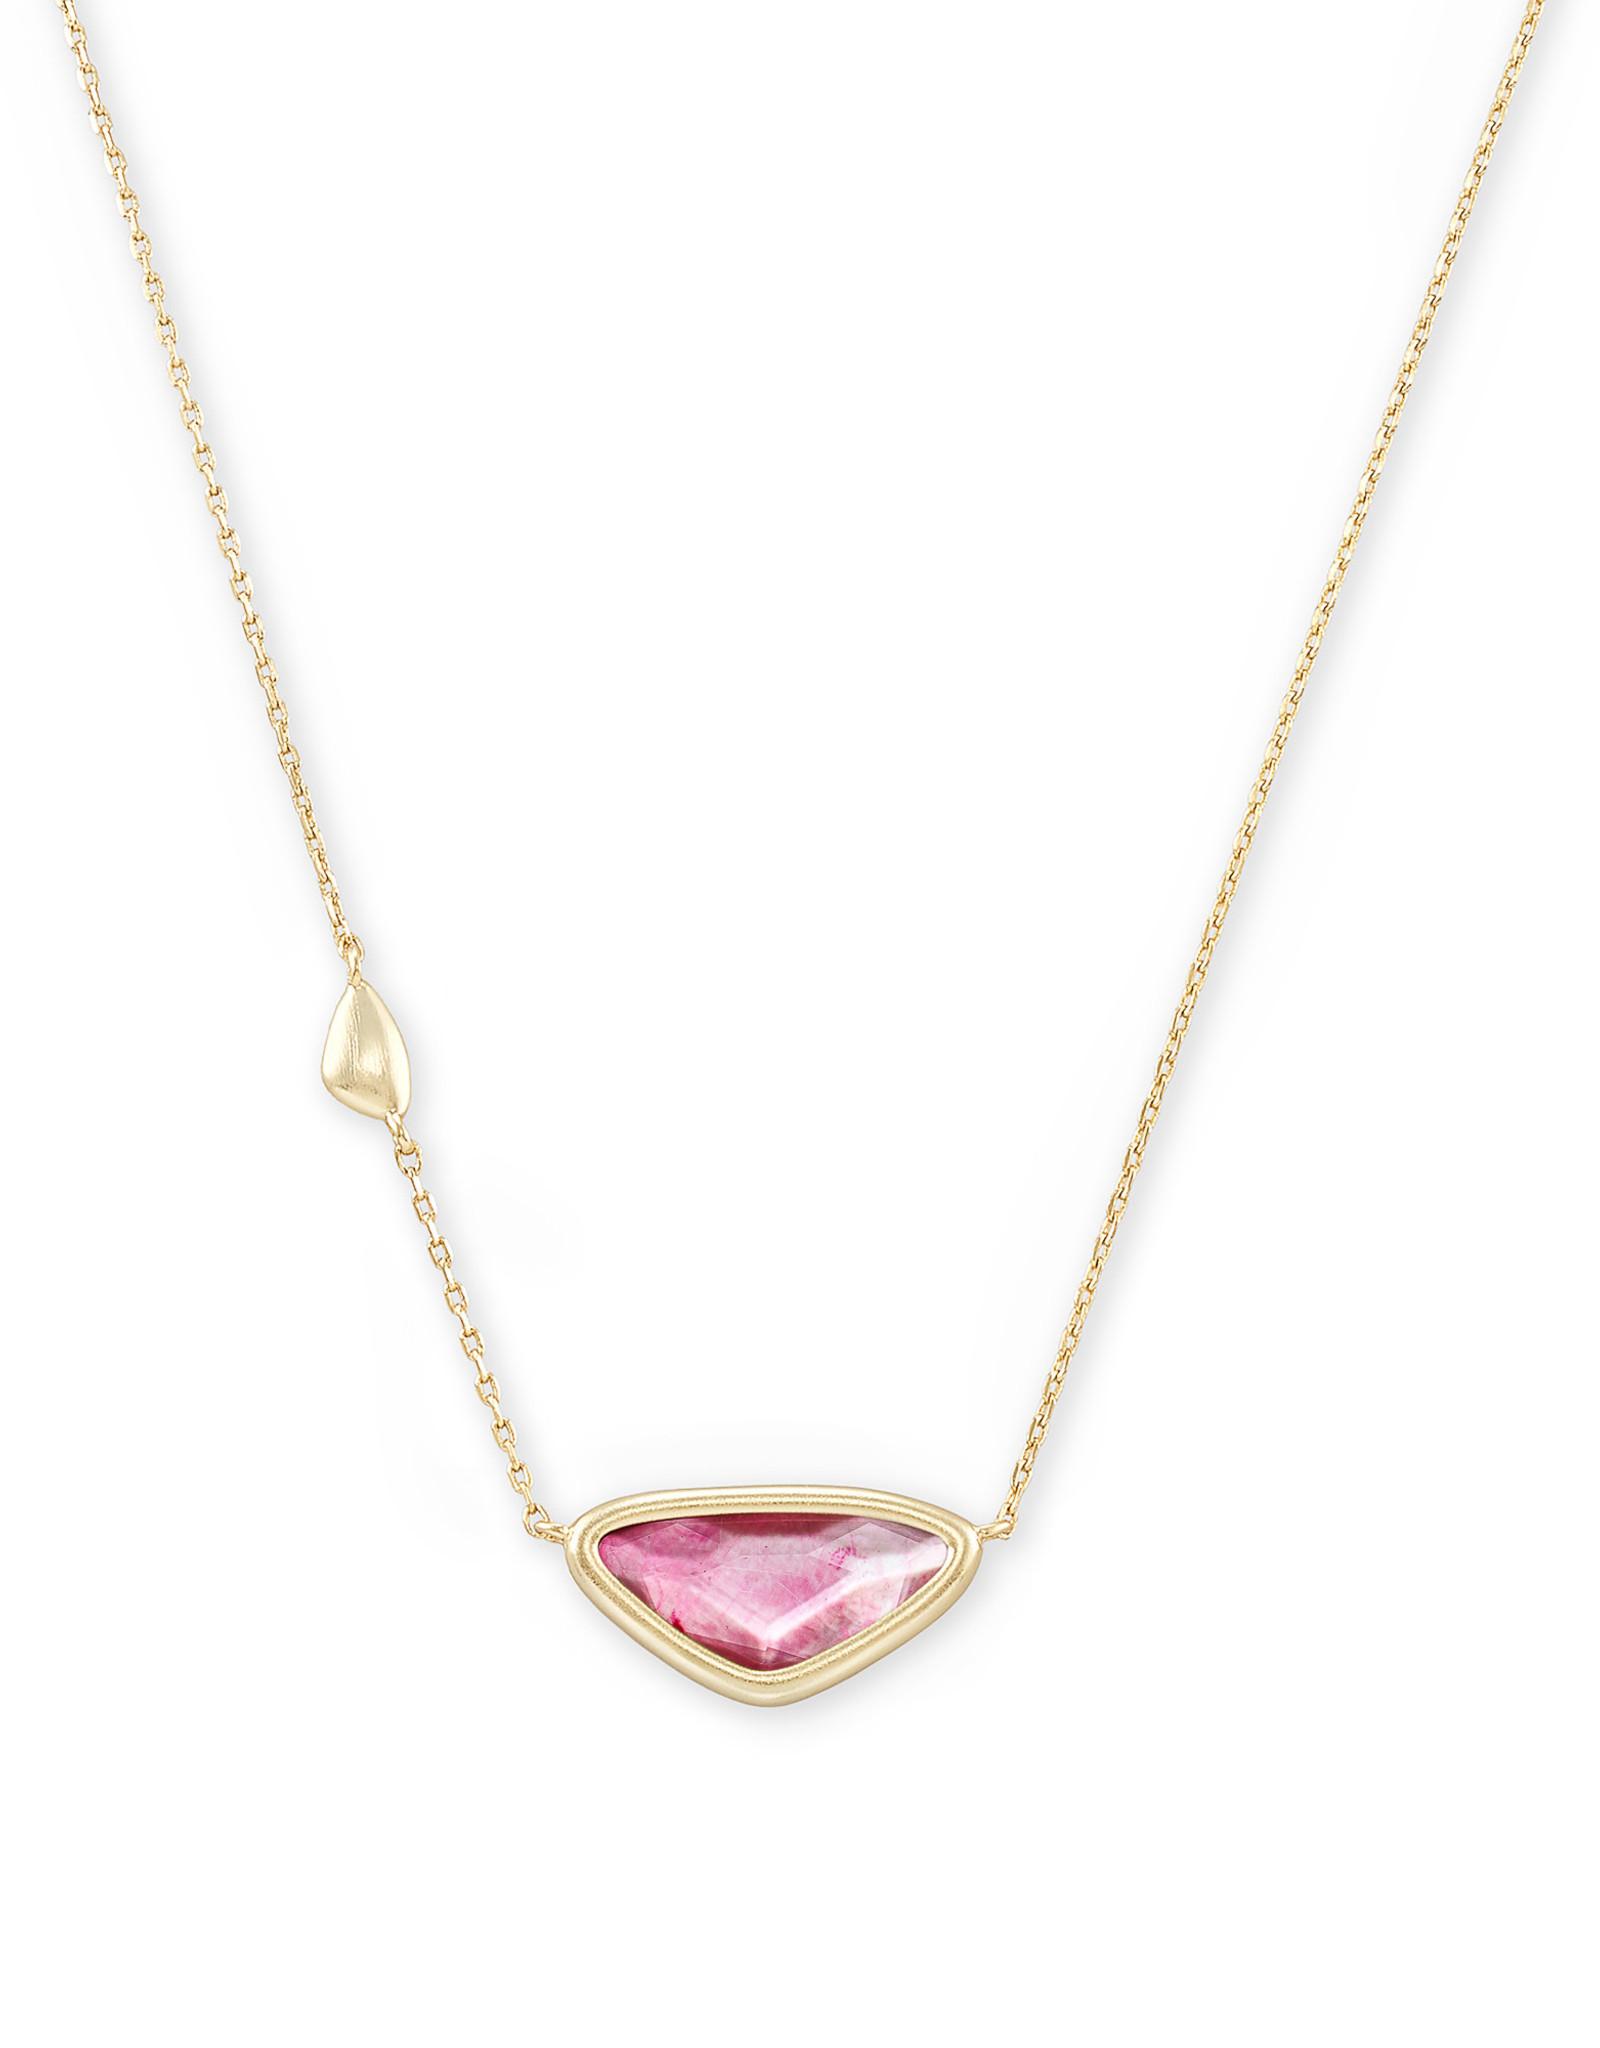 Kendra Scott Margot Short Pendant Necklace - Deep Blush MOP/Gold